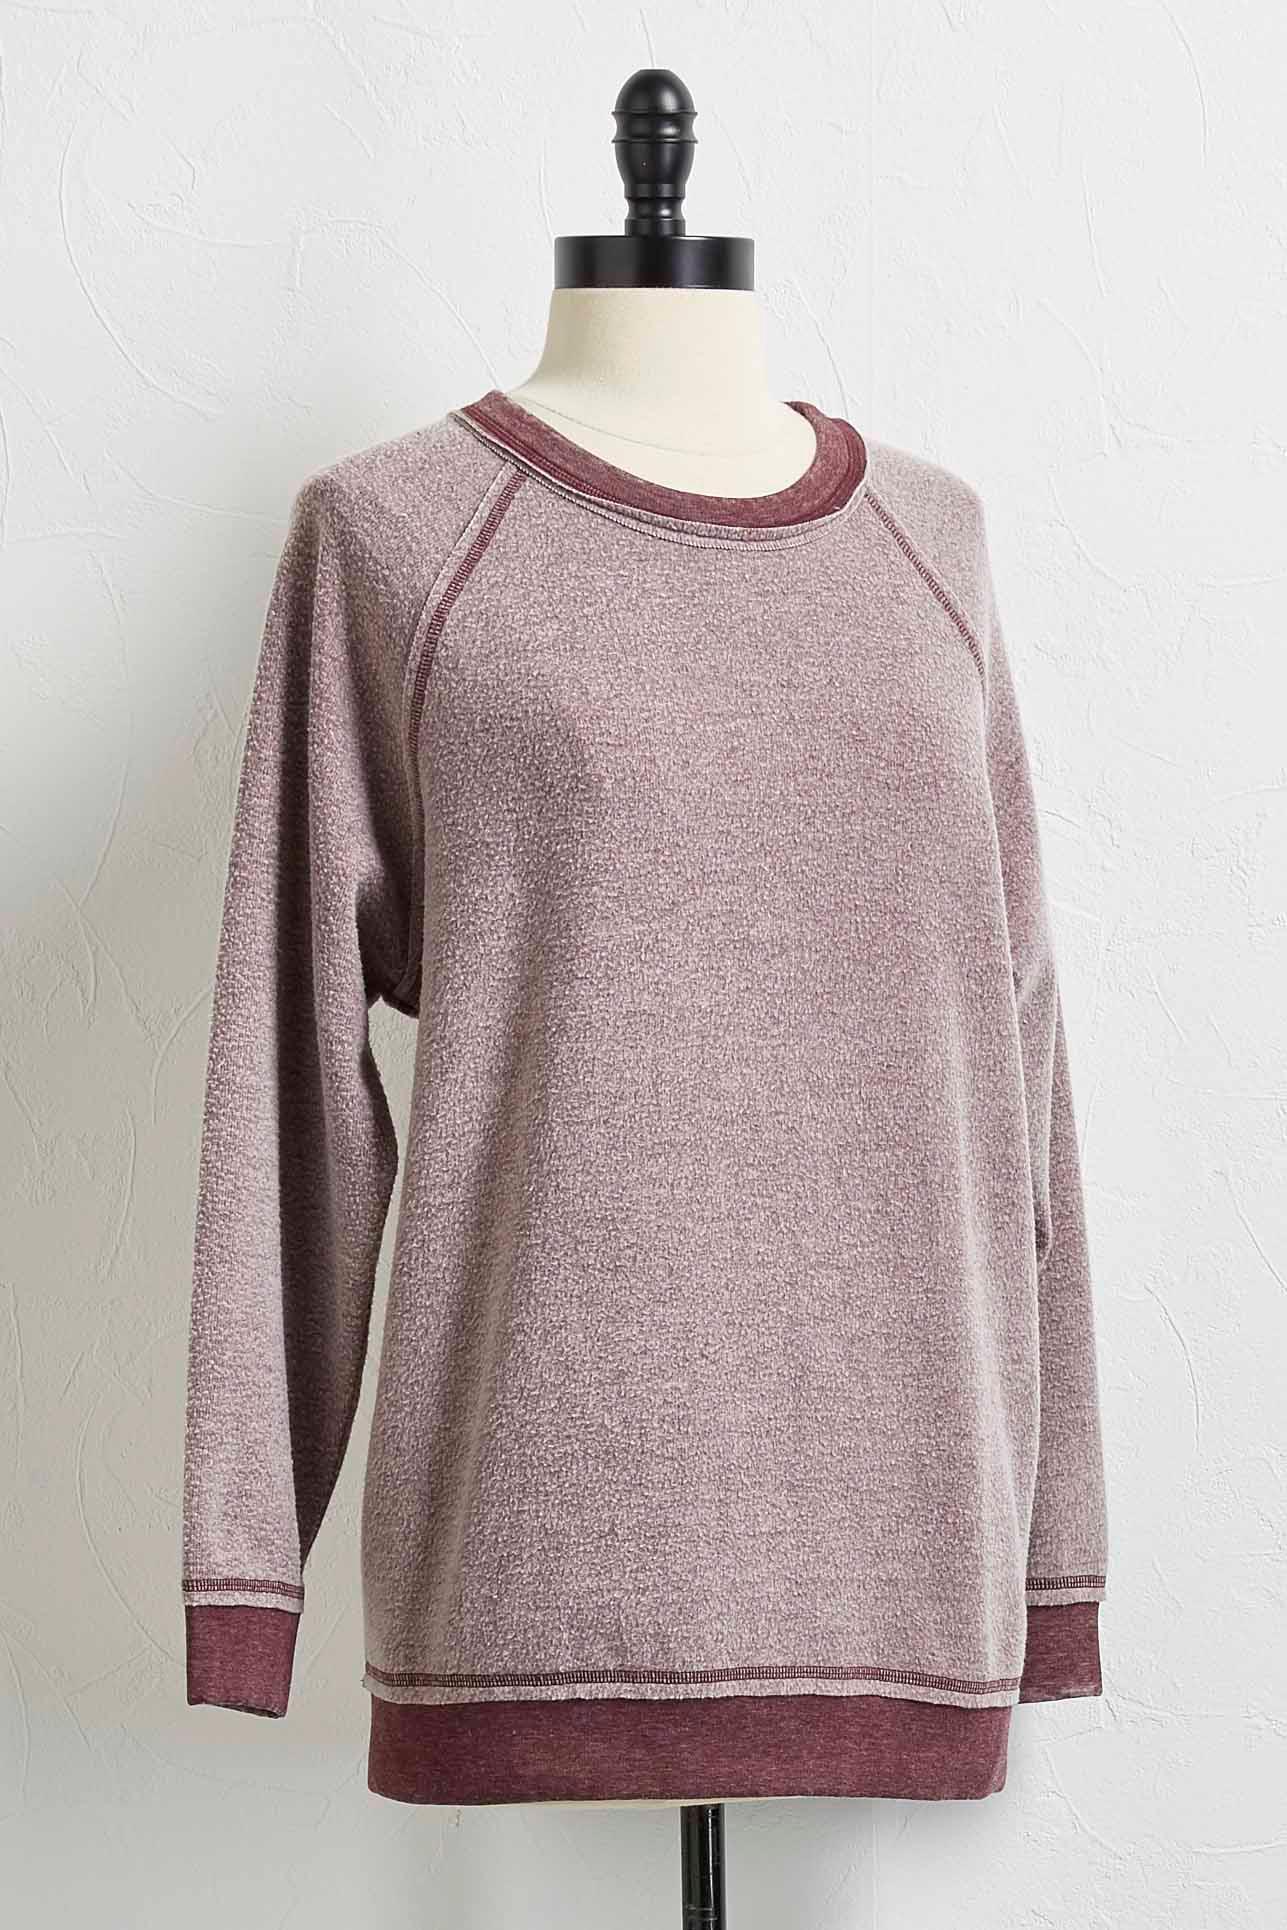 Mineral Wash Fleece Sweatshirt